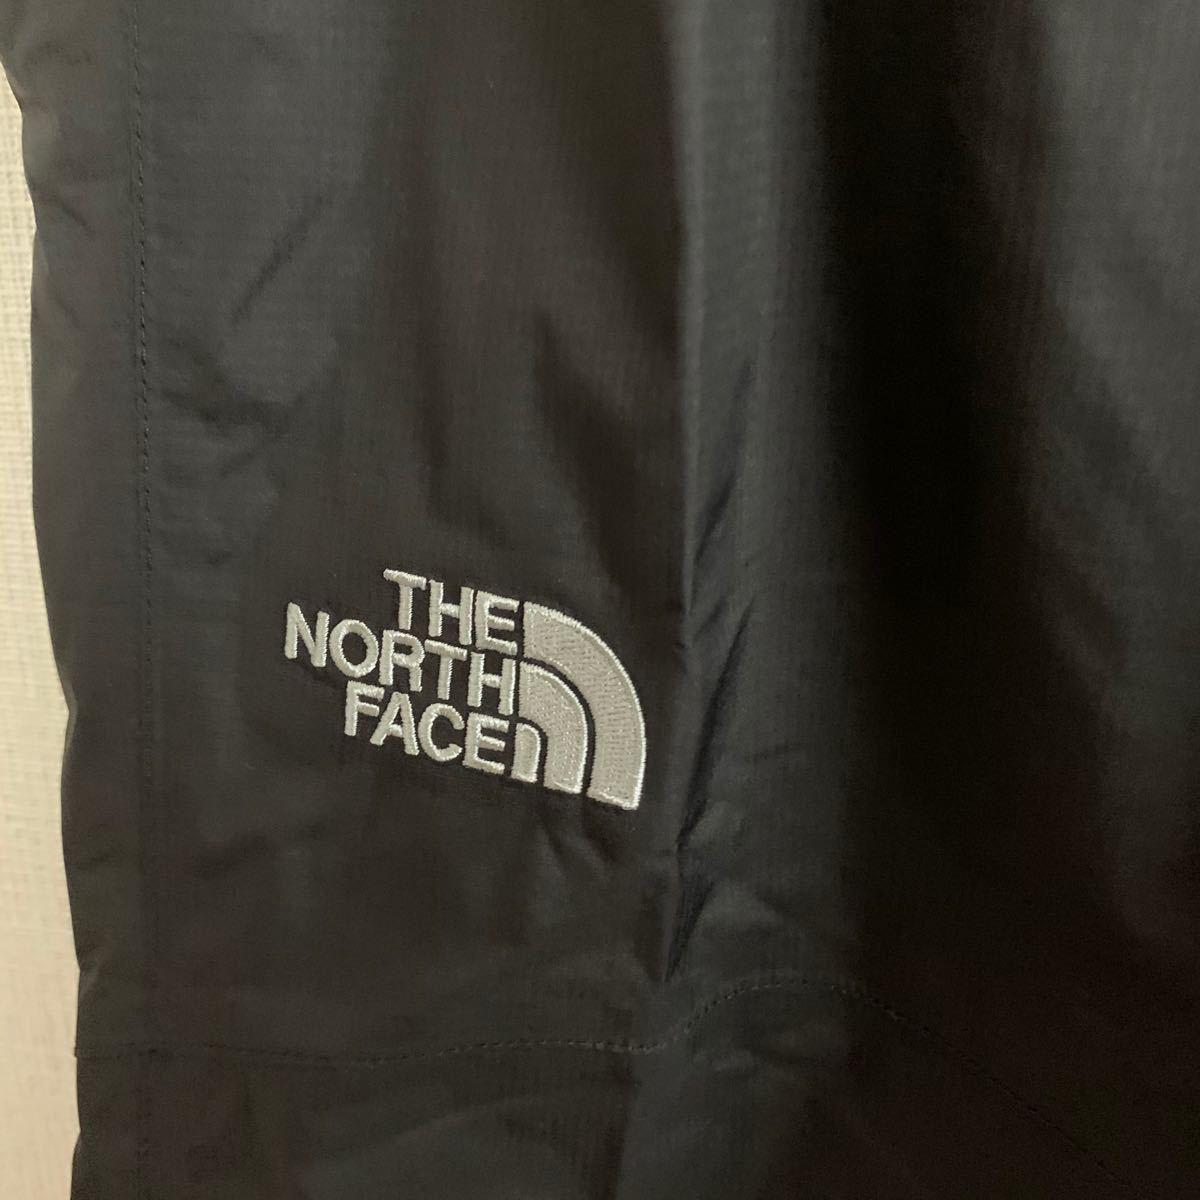 THE NORTH FACE ザノースフェイス ナイロン ジップ パンツ 新品